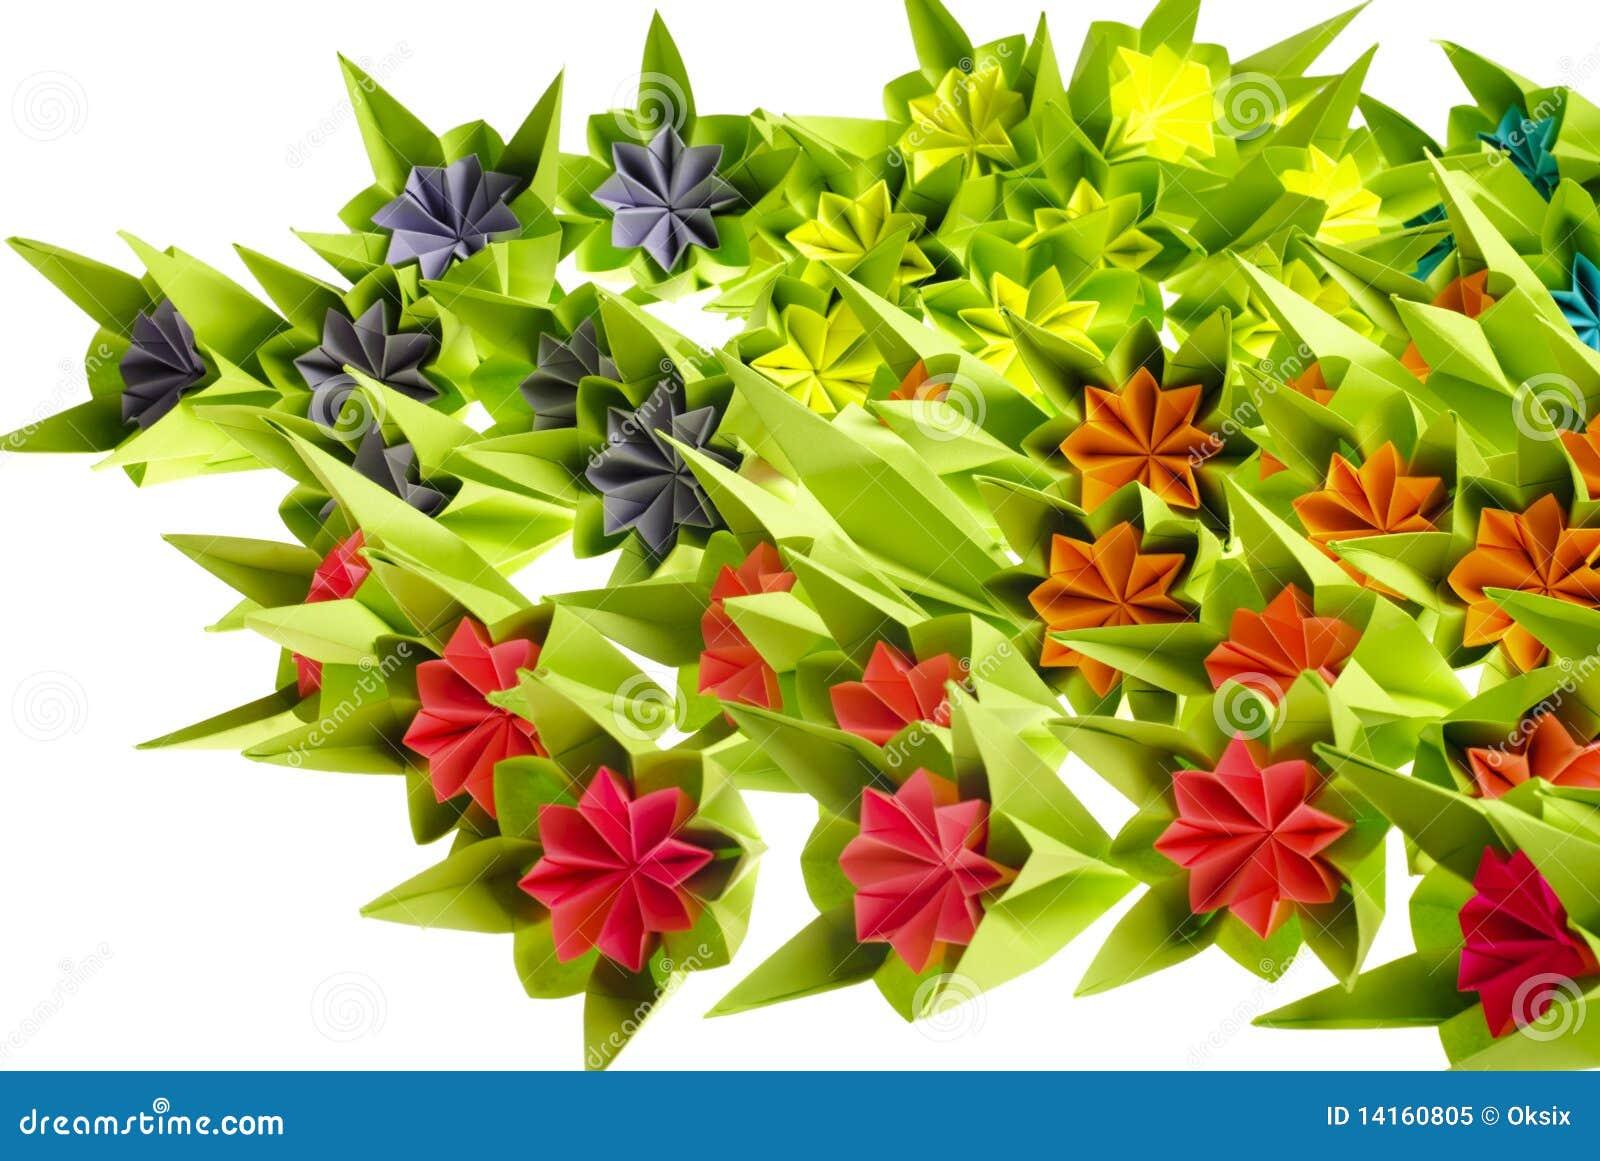 De bos van de origami